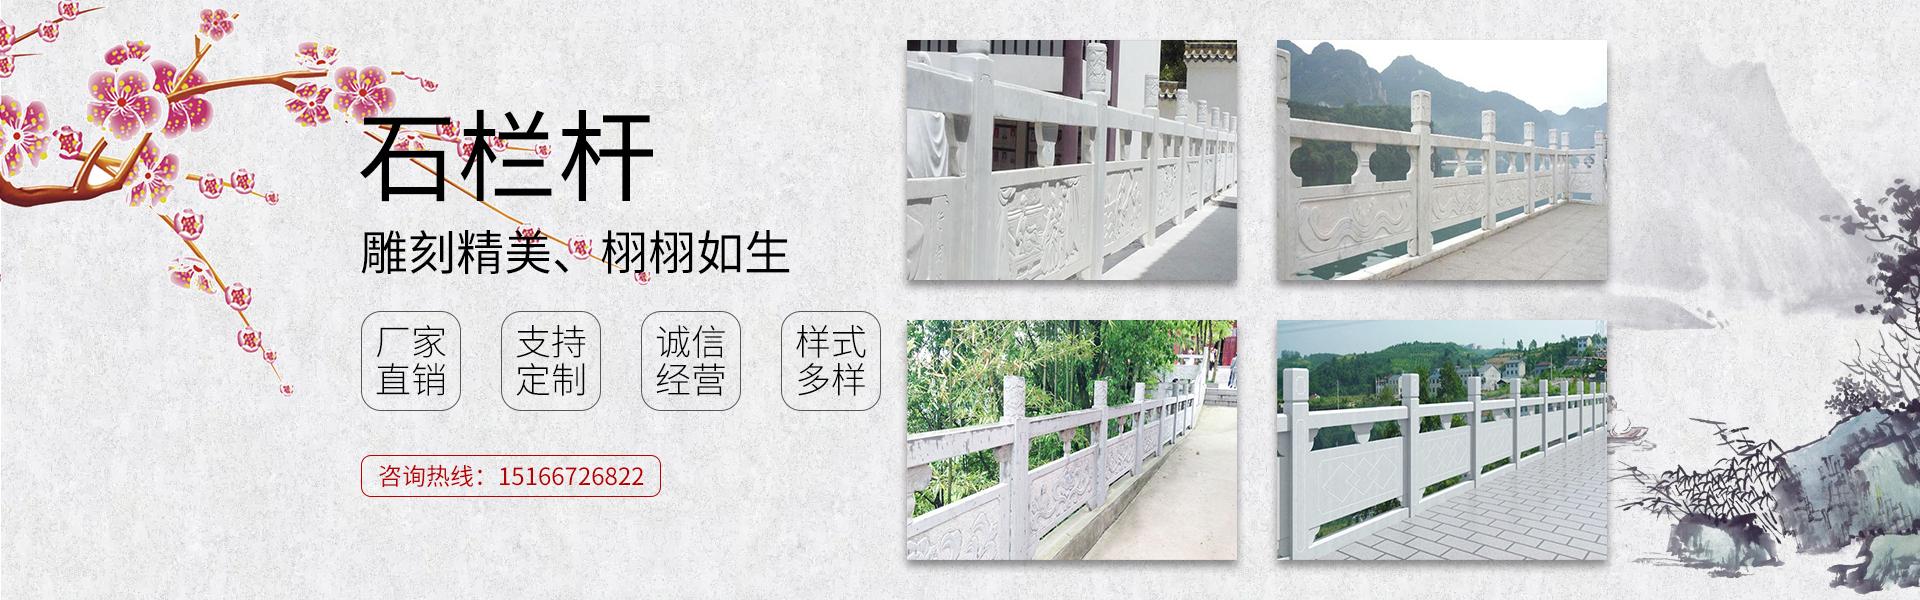 汉白玉栏杆,青石栏杆,石牌坊厂家,石亭子,柱墩石